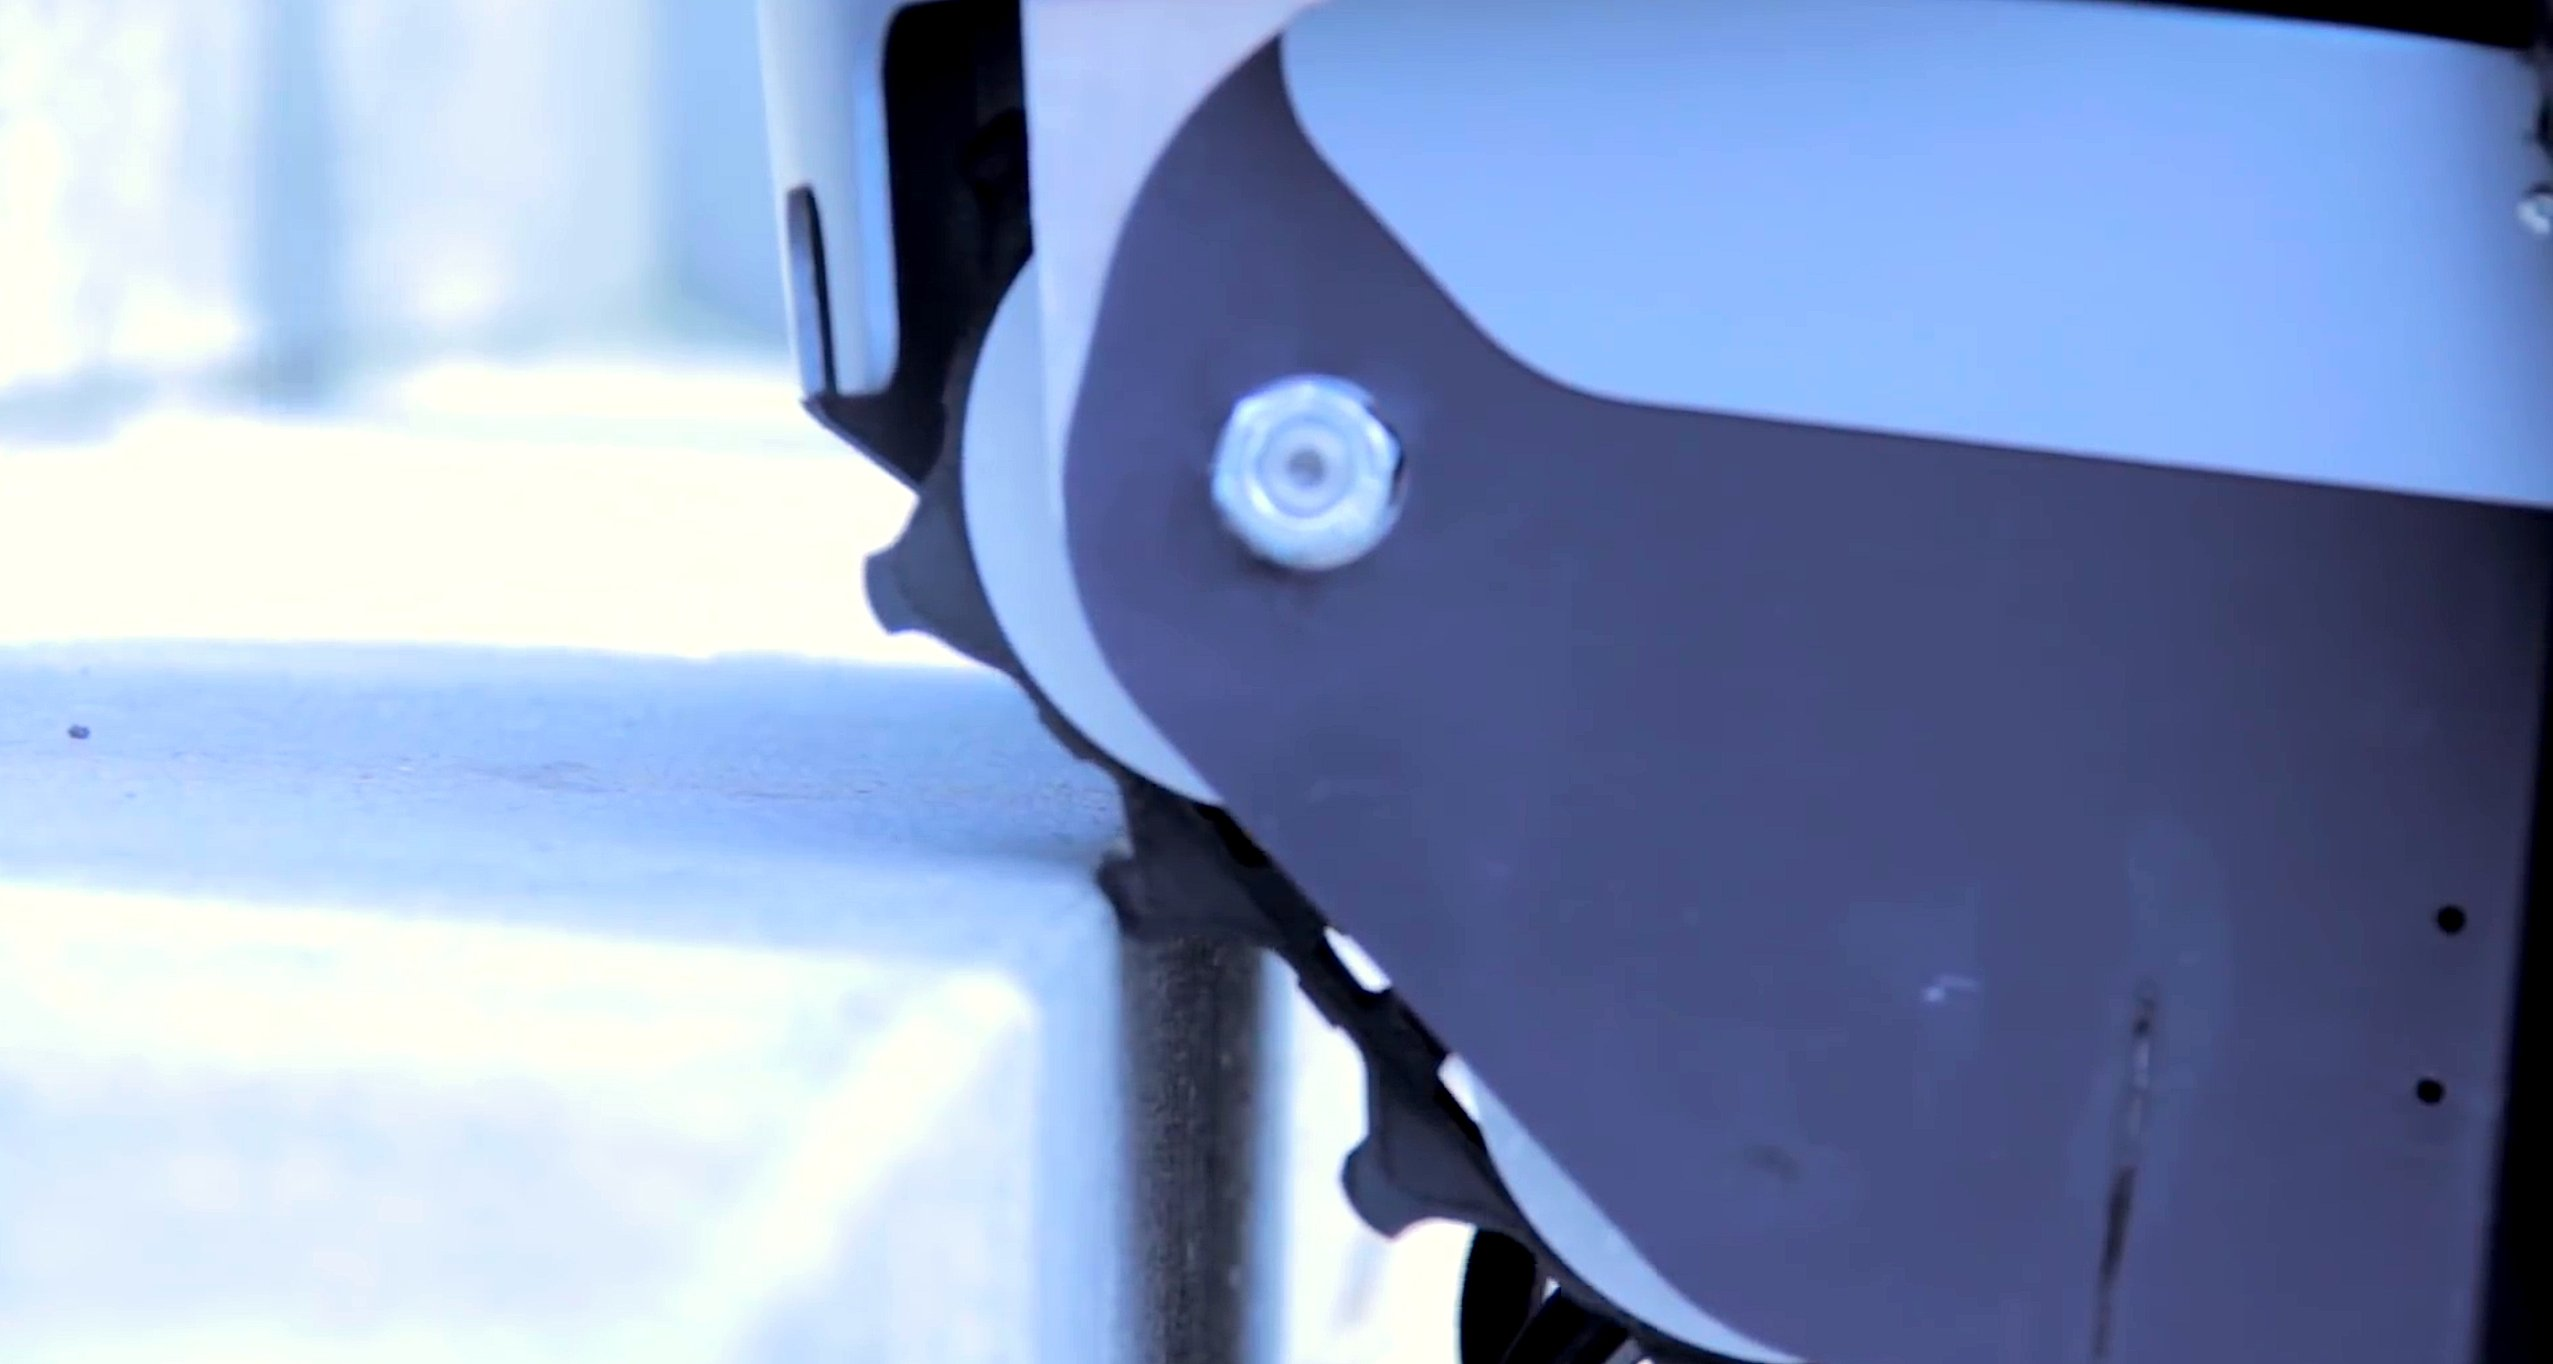 Die Gummibänder des RollstuhlsScalevo finden guten Halt auf Treppenstufen.